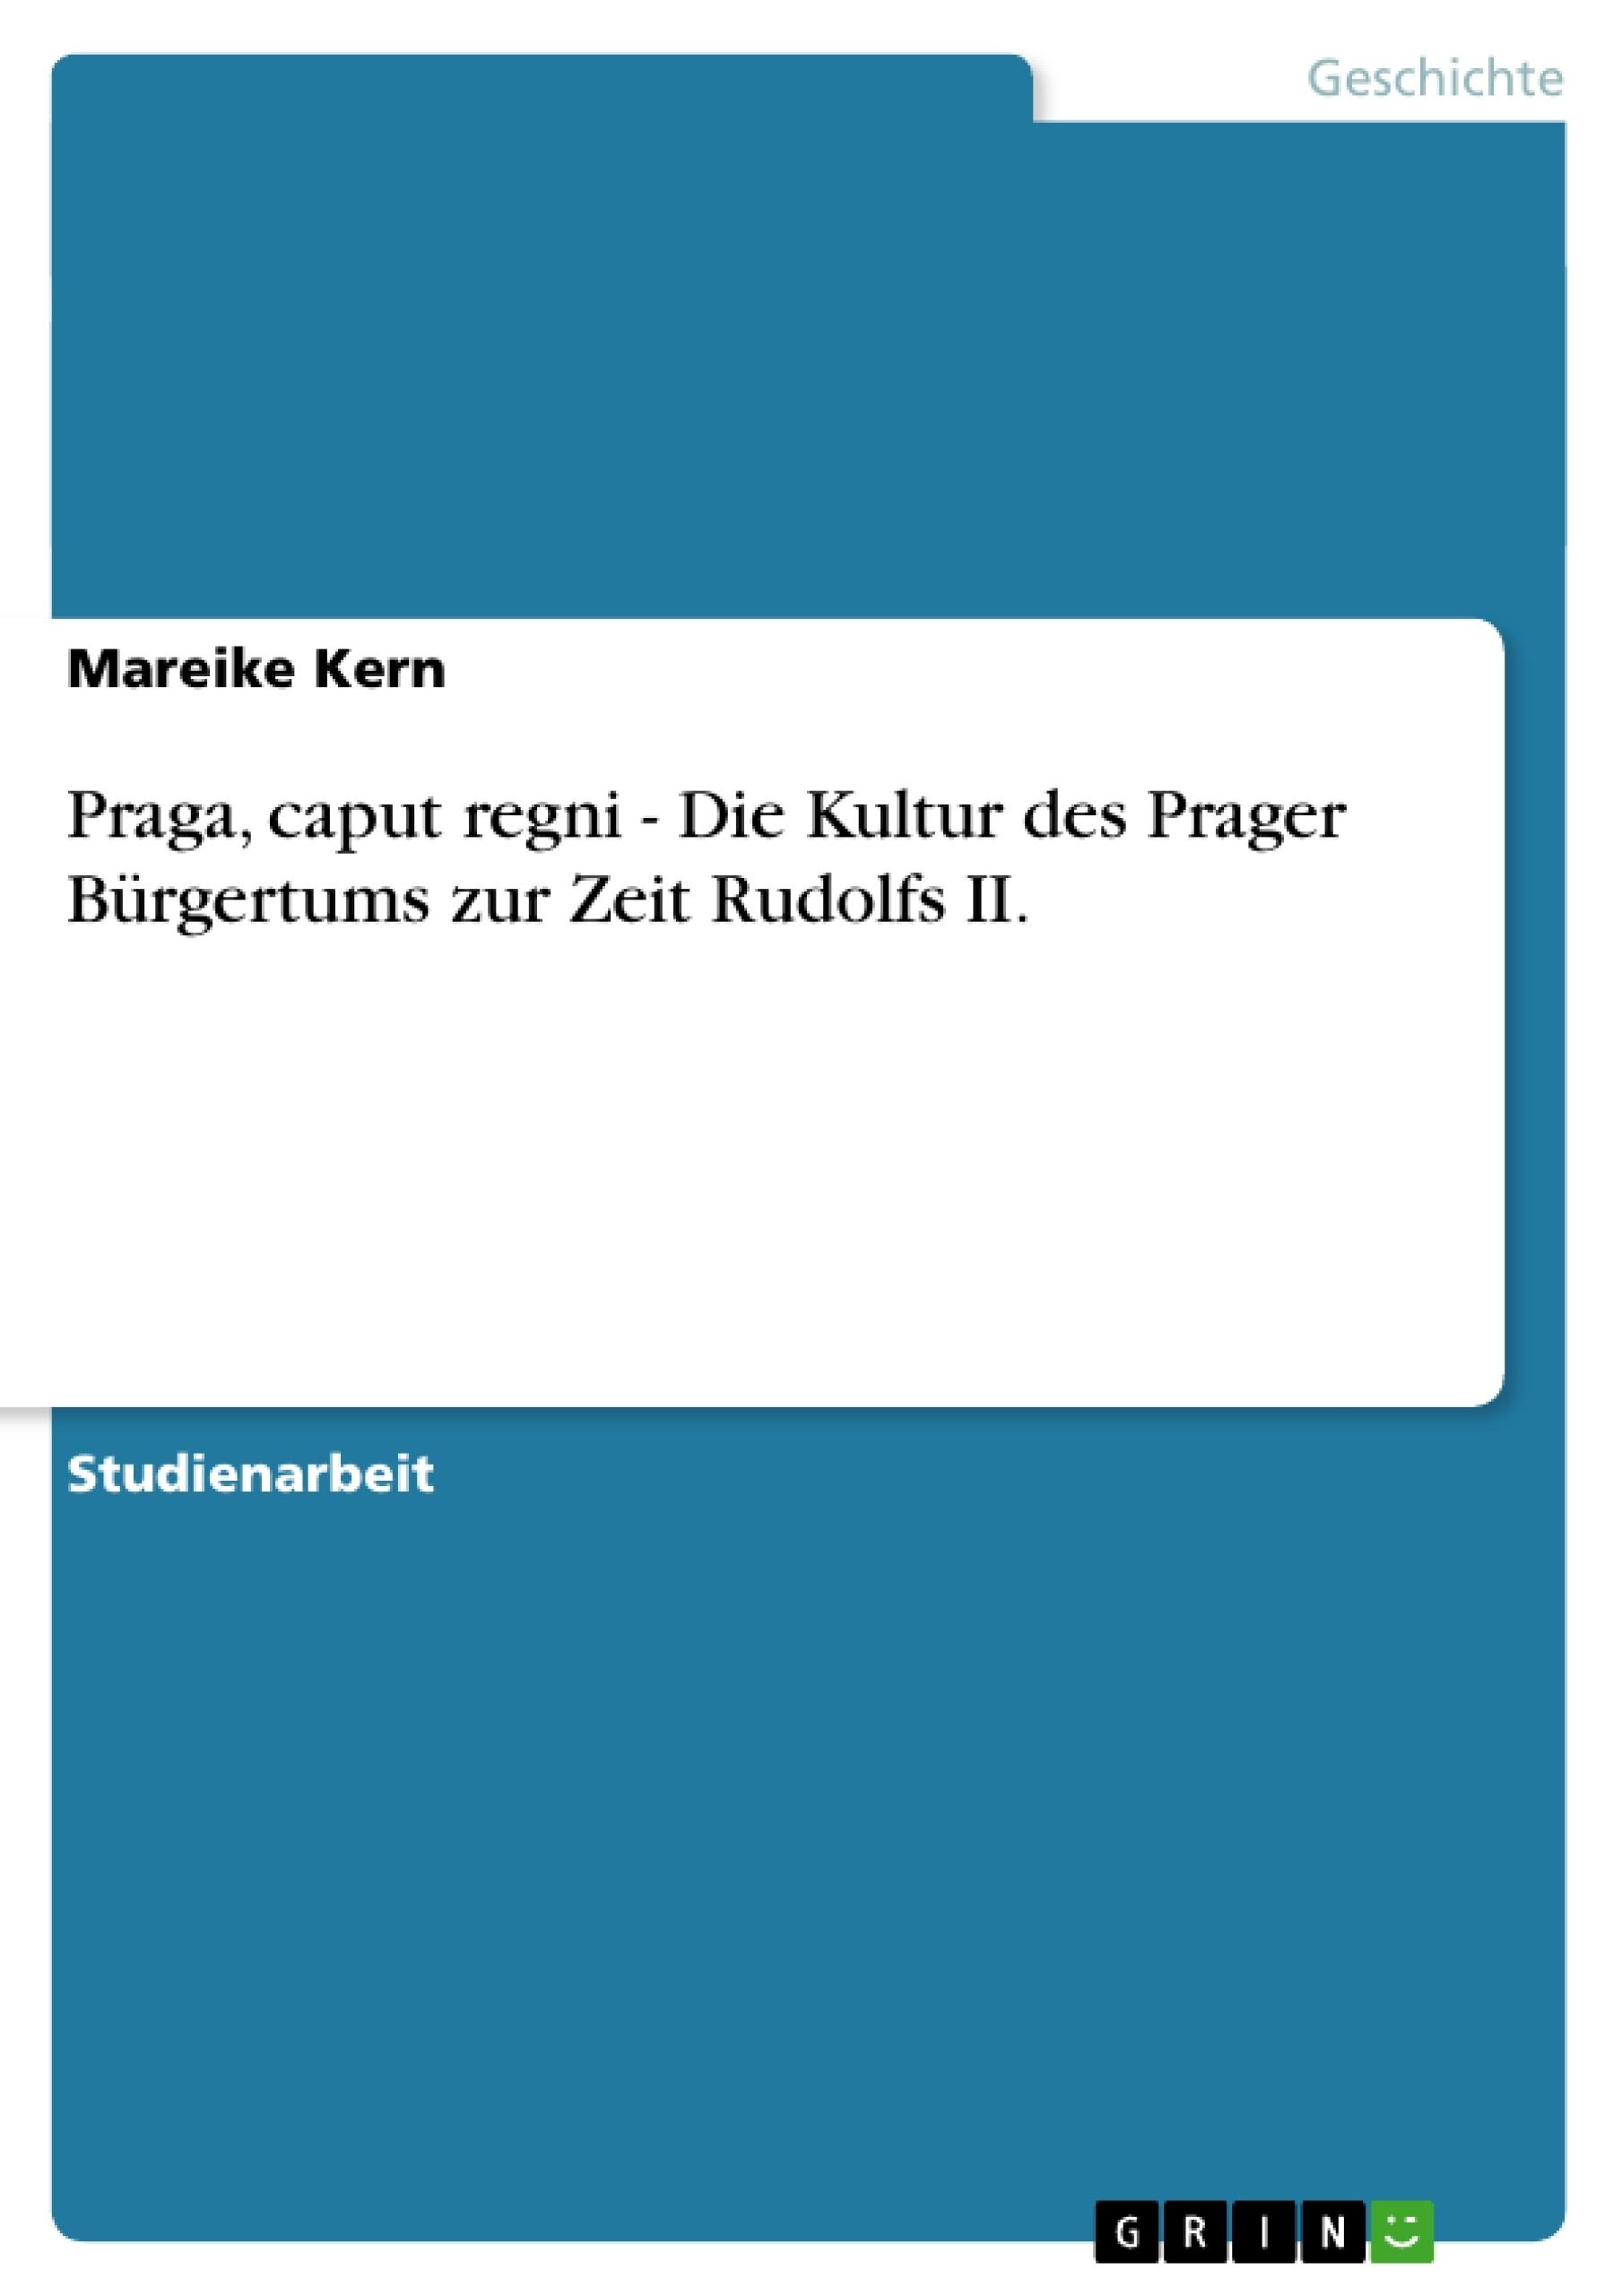 Titel: Praga, caput regni - Die Kultur des Prager Bürgertums zur Zeit Rudolfs II.